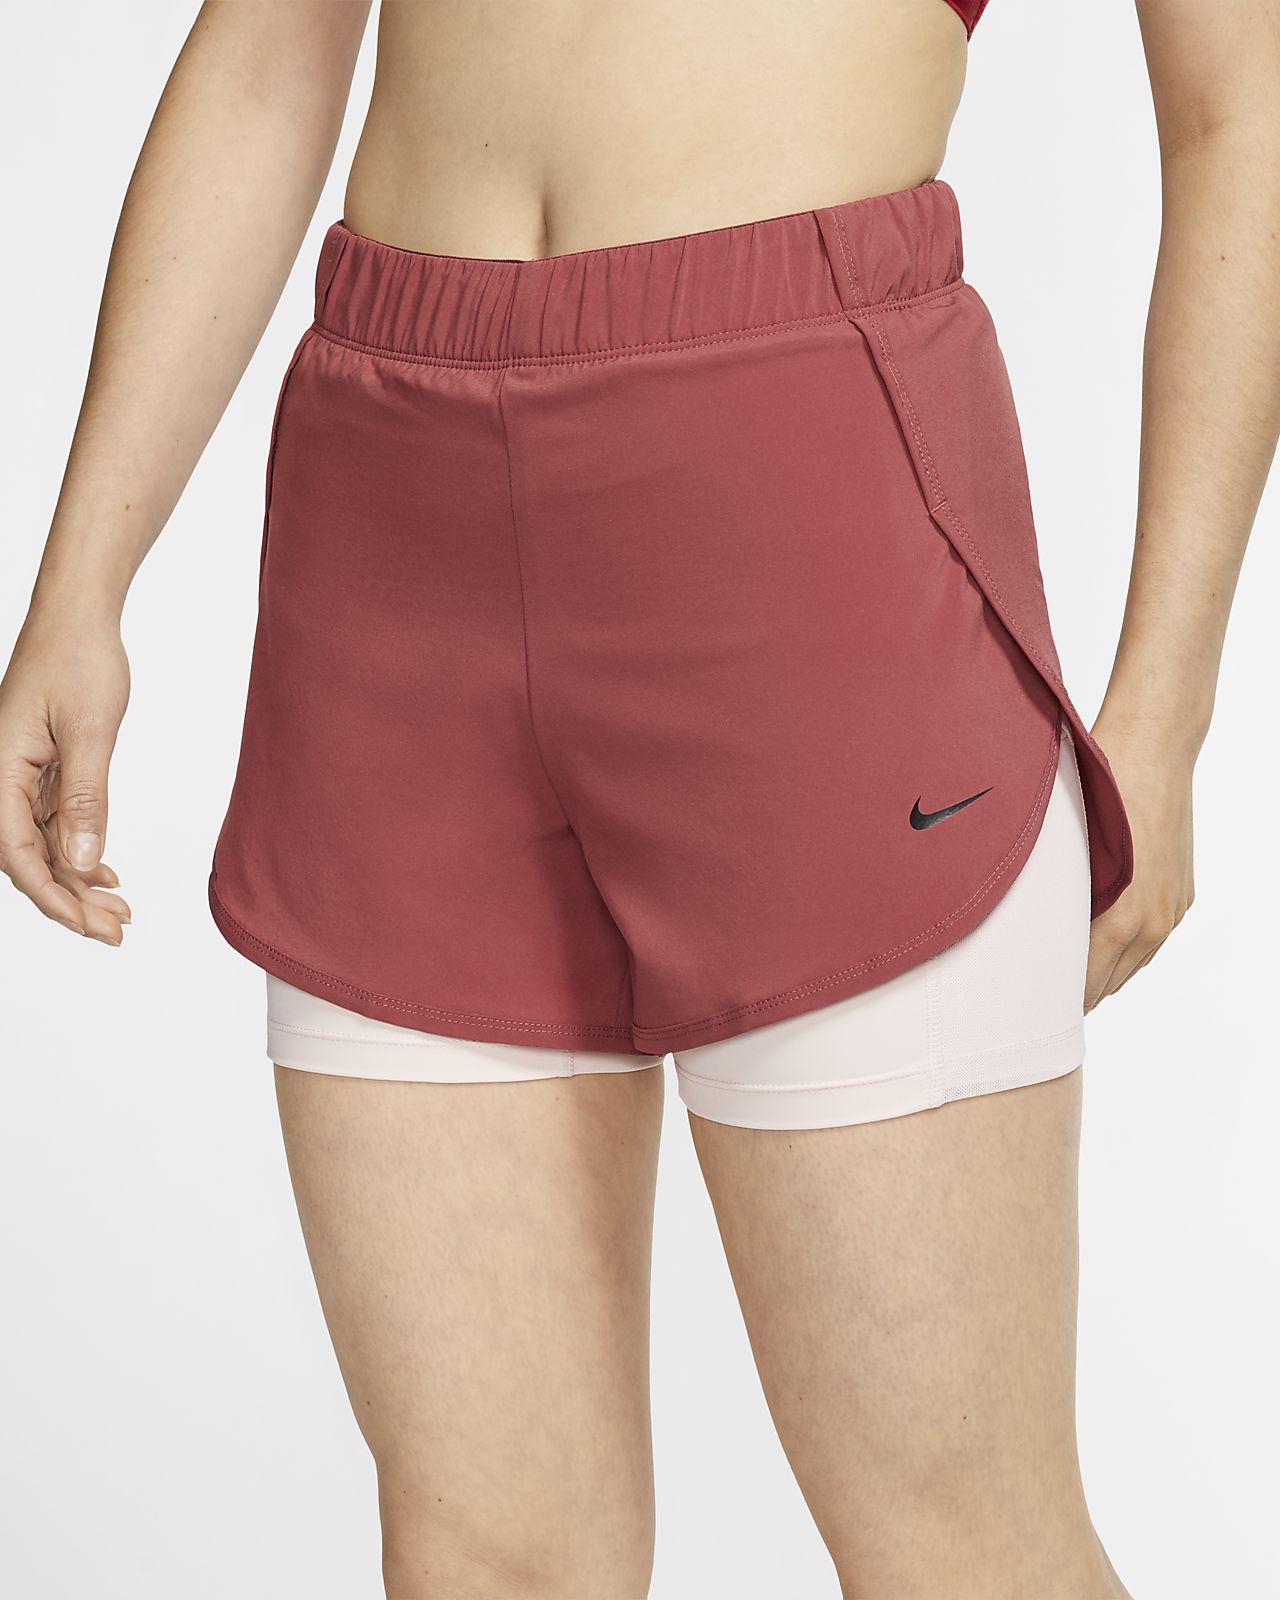 Женские шорты для тренинга 2 в 1 Nike Flex